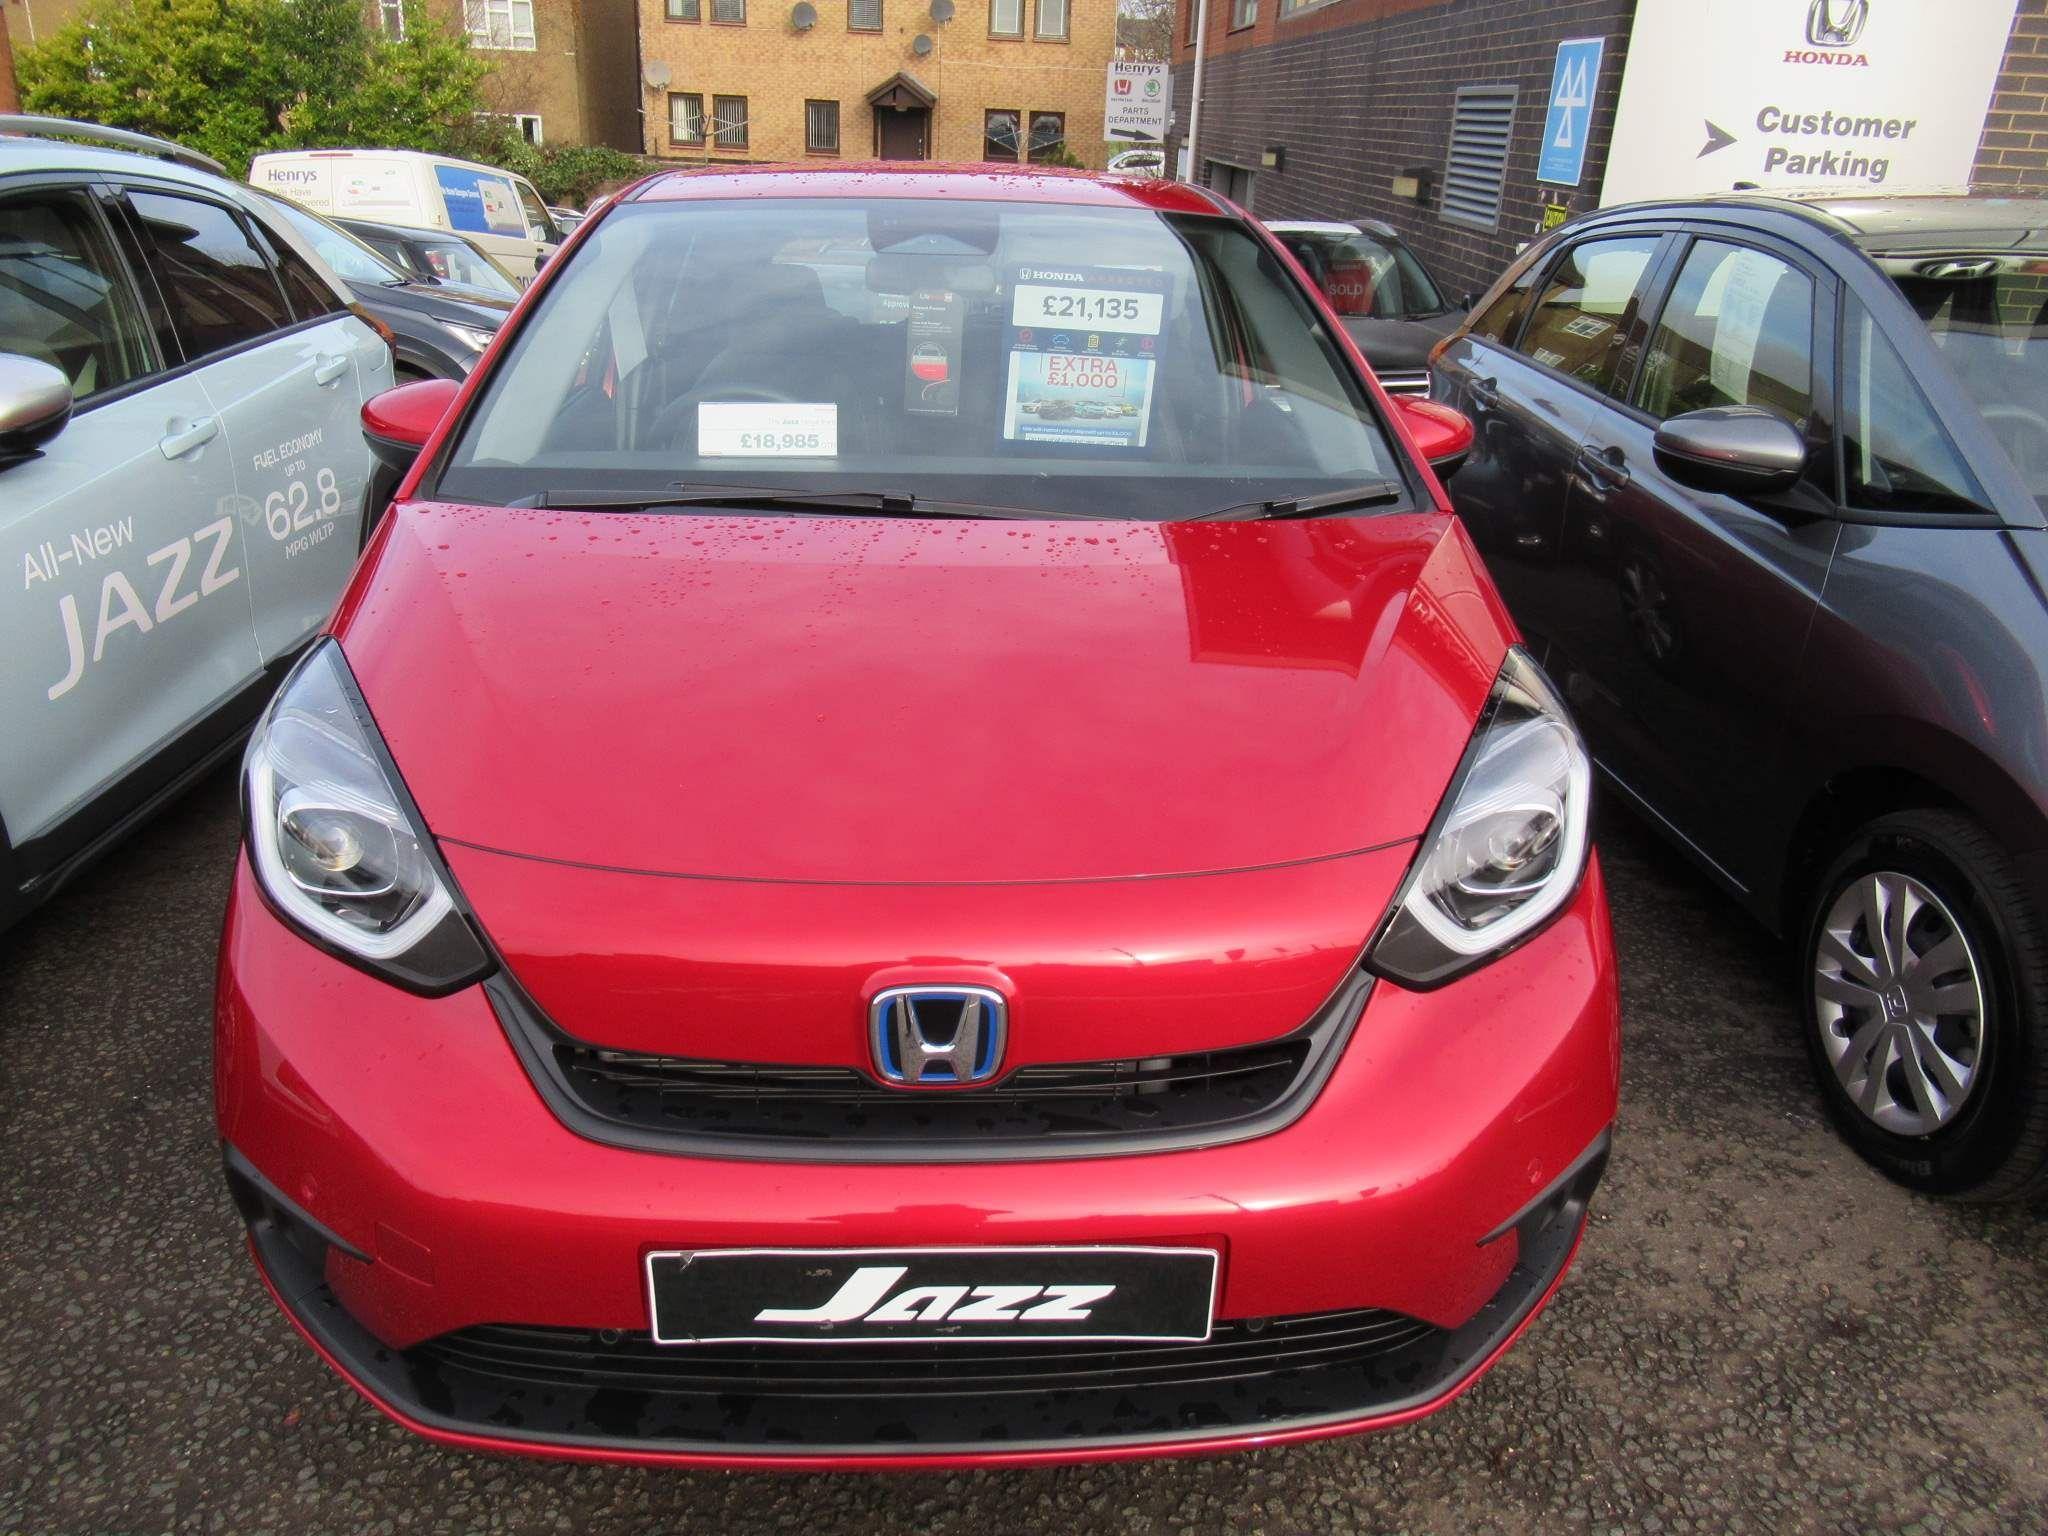 Honda Jazz 1.5 h i-MMD SR eCVT (s/s) 5dr